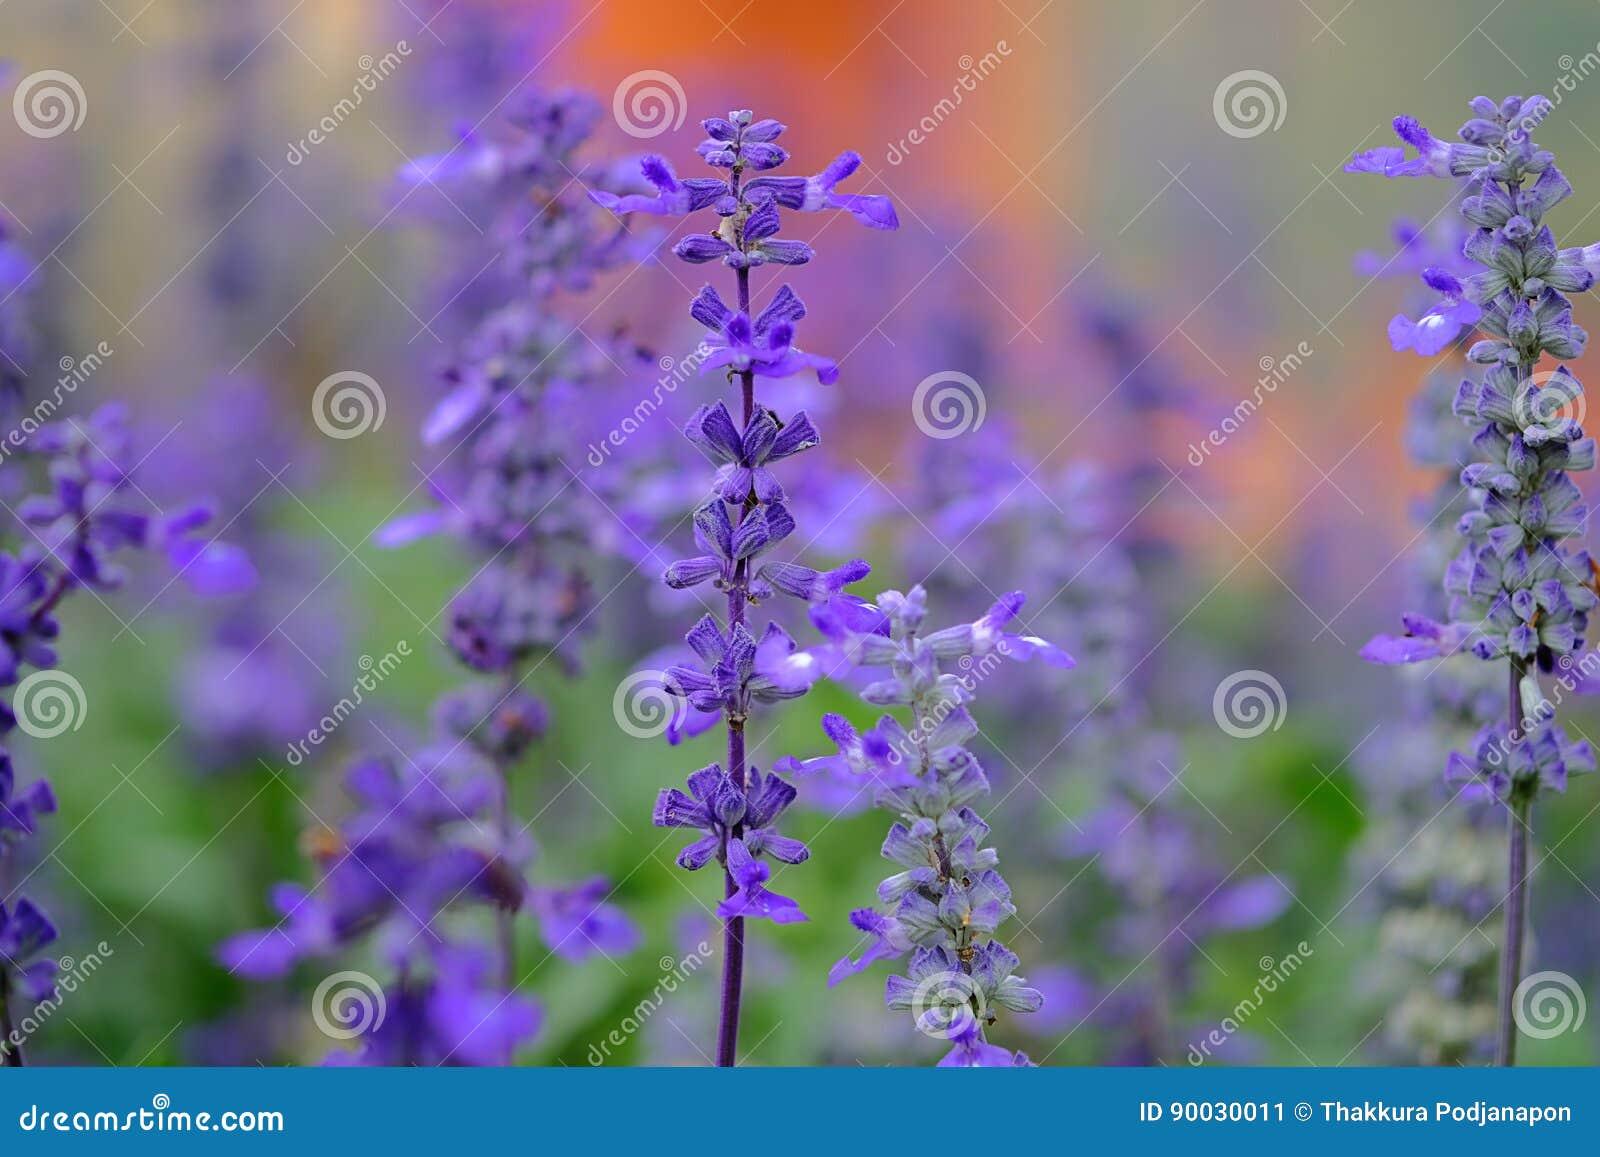 Lavender violet color